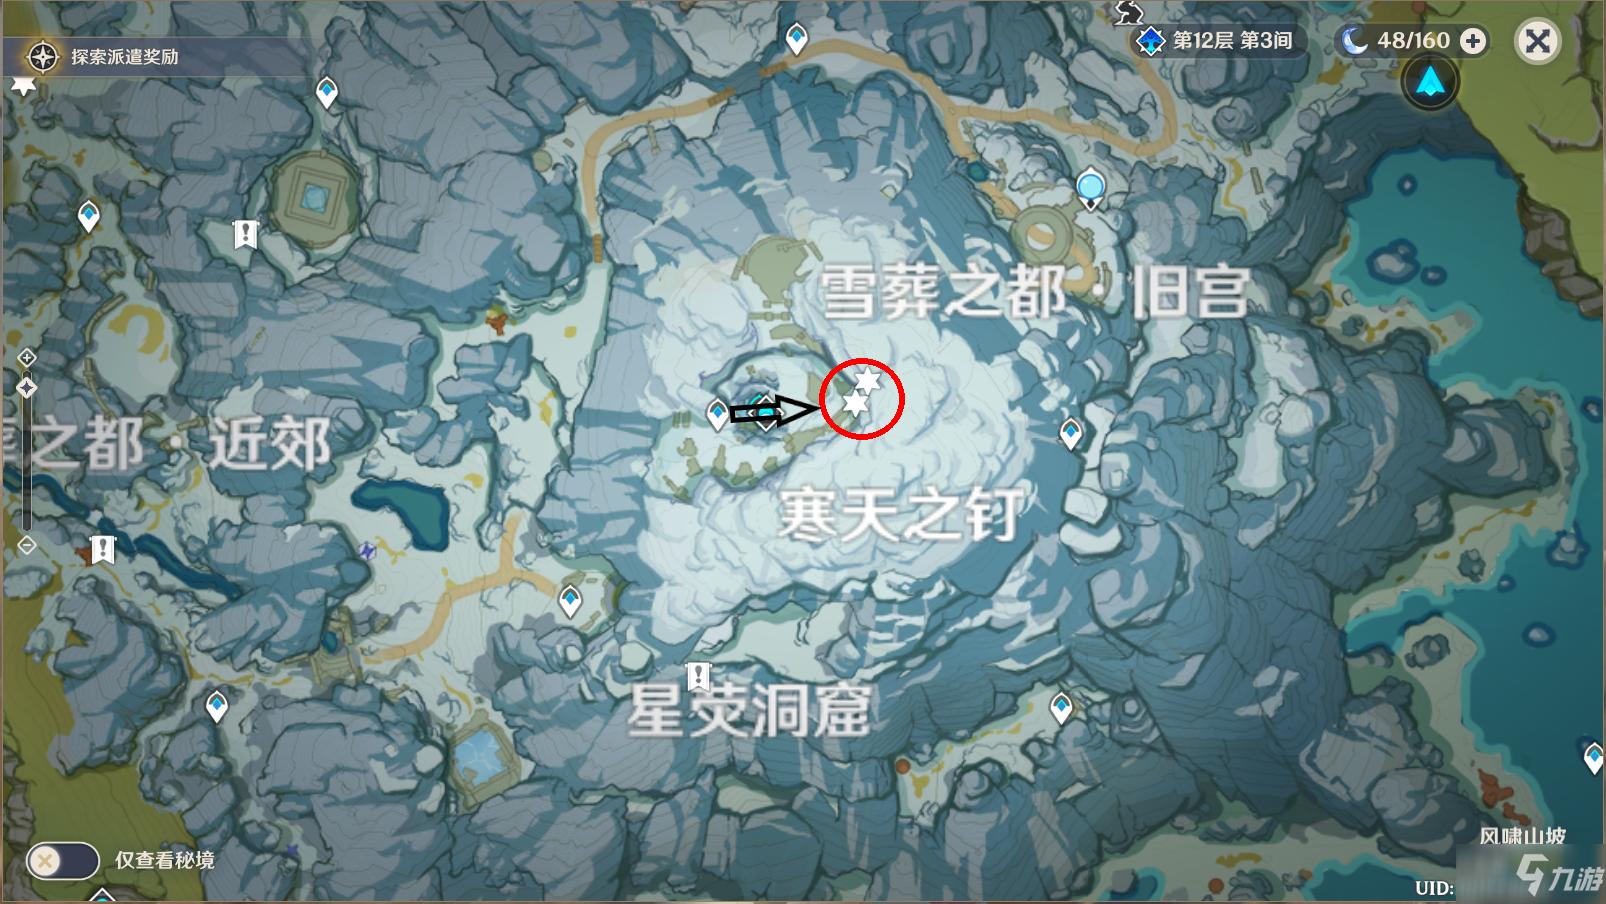 原神龙脊雪山隐藏宝箱位置汇总